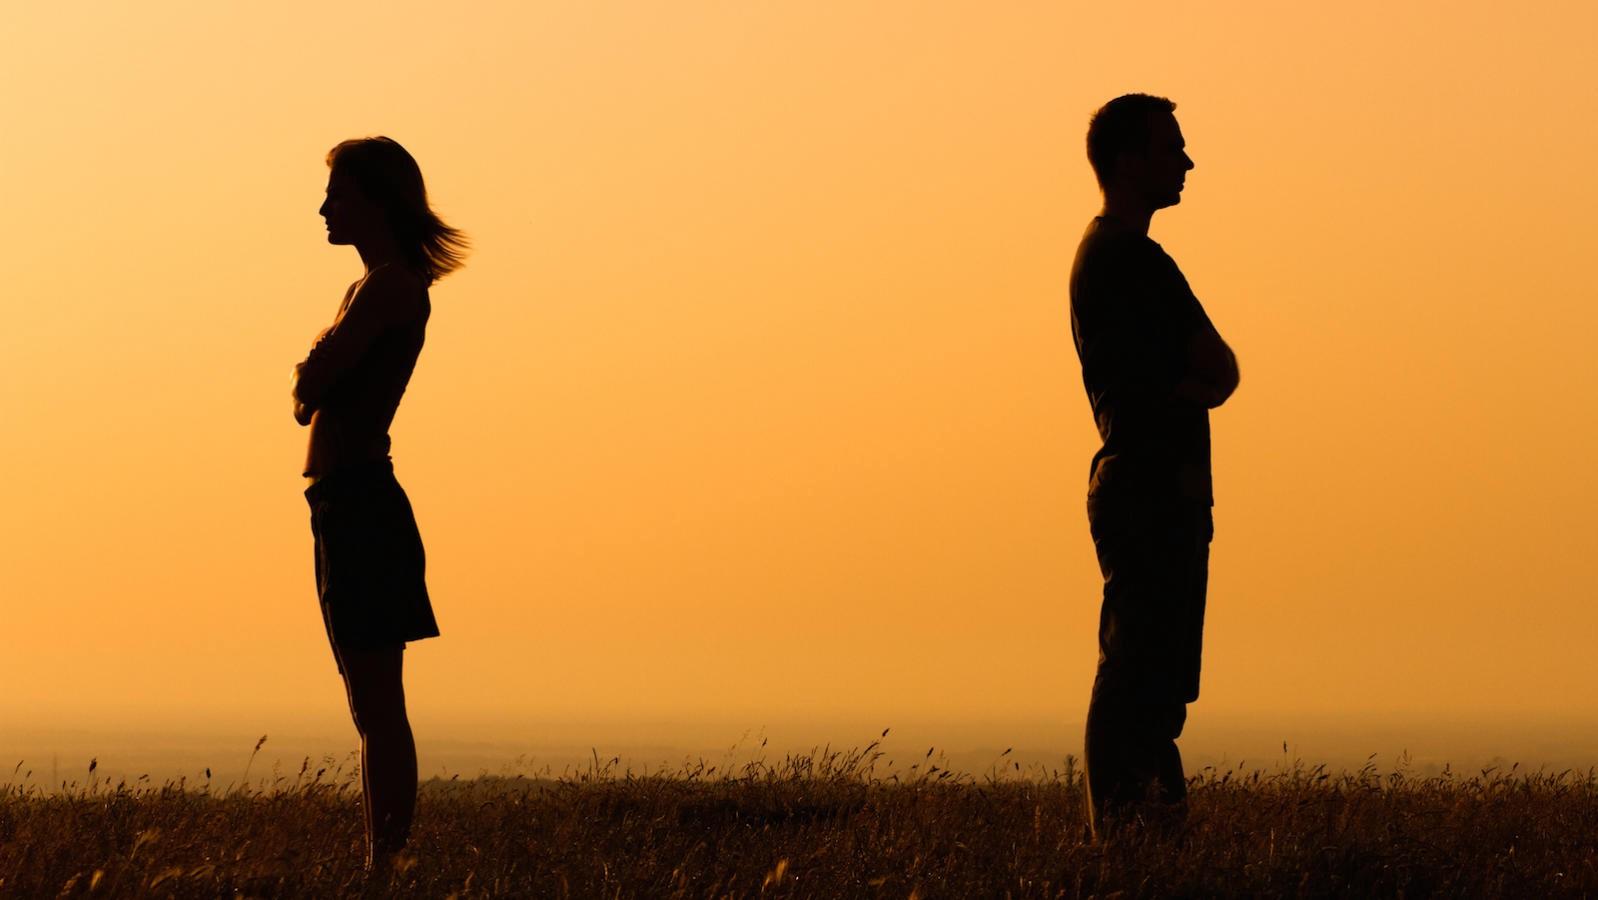 هل المسامح كريم دومًا؟ عشرة أسباب تدفعك لعدم المسامحة والنسيان - هل من الجيد دوما أن تغفر أخطاء الآخرين - هل يجب عليك مسامحة من أساء إليك؟ - الغفران